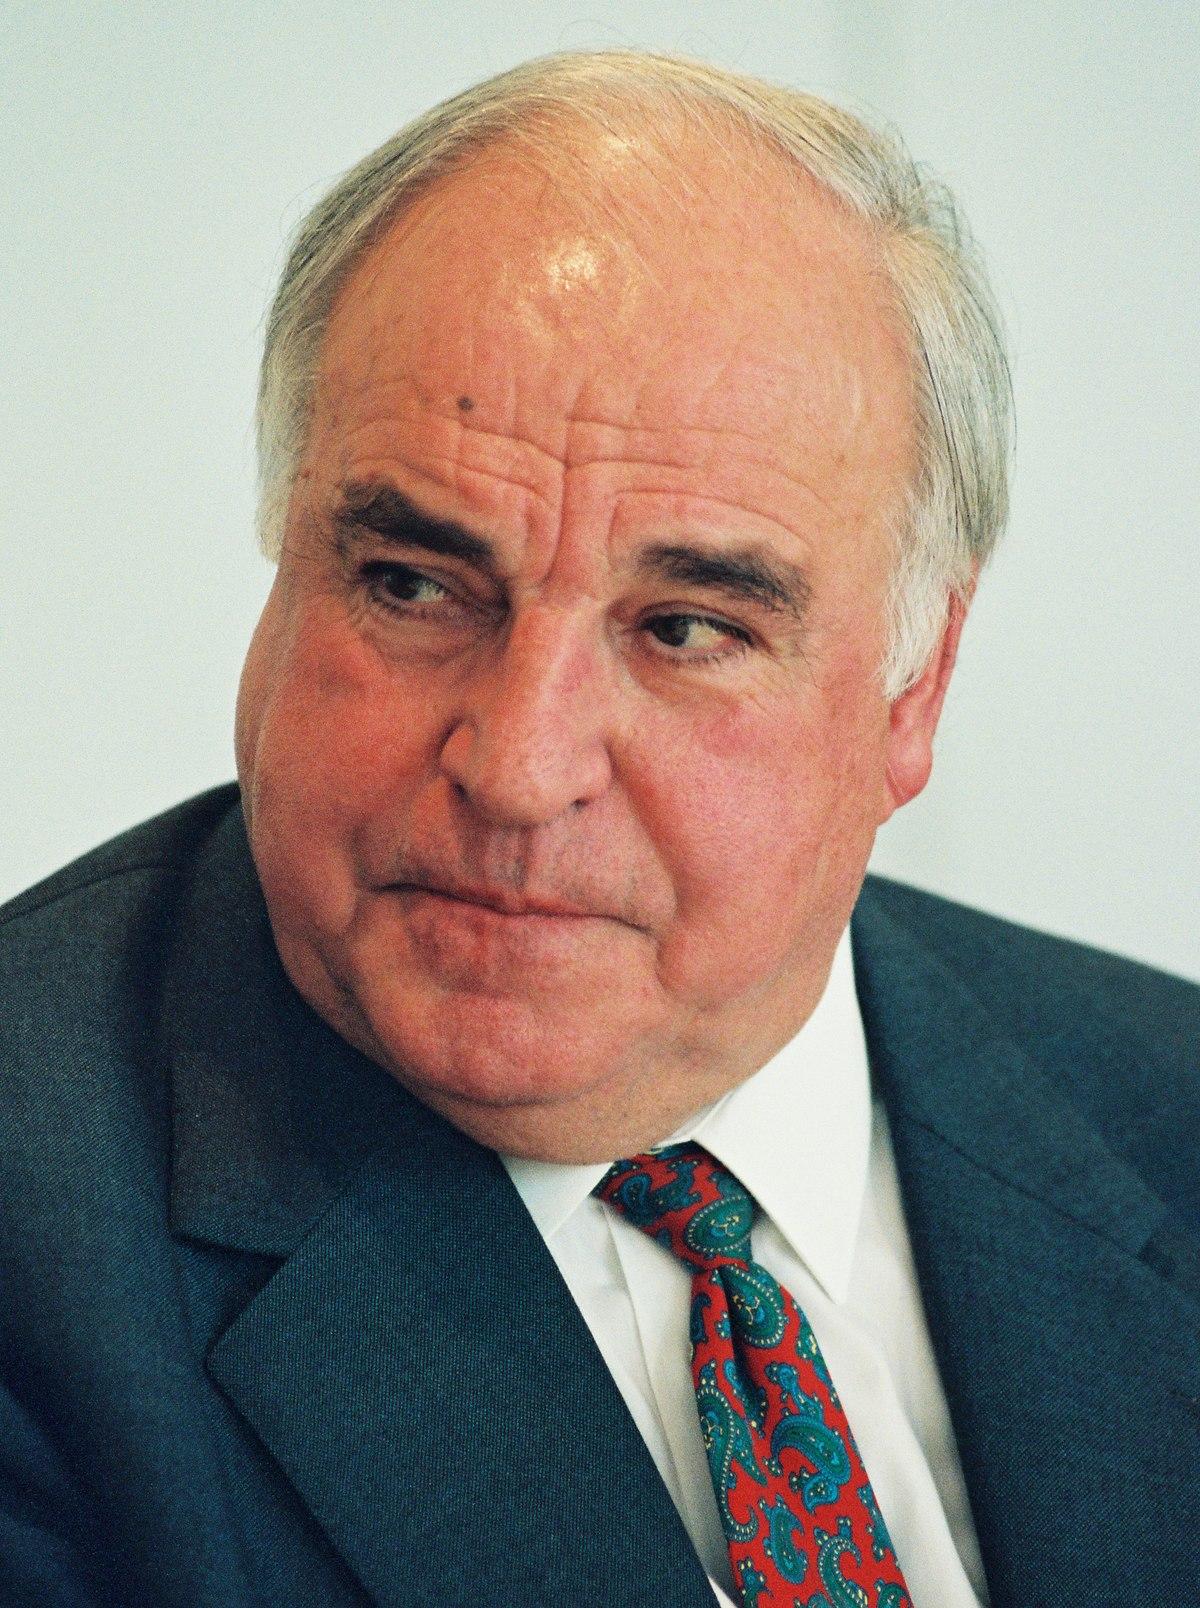 Helmut Kohl - Wikipedia, la enciclopedia libre